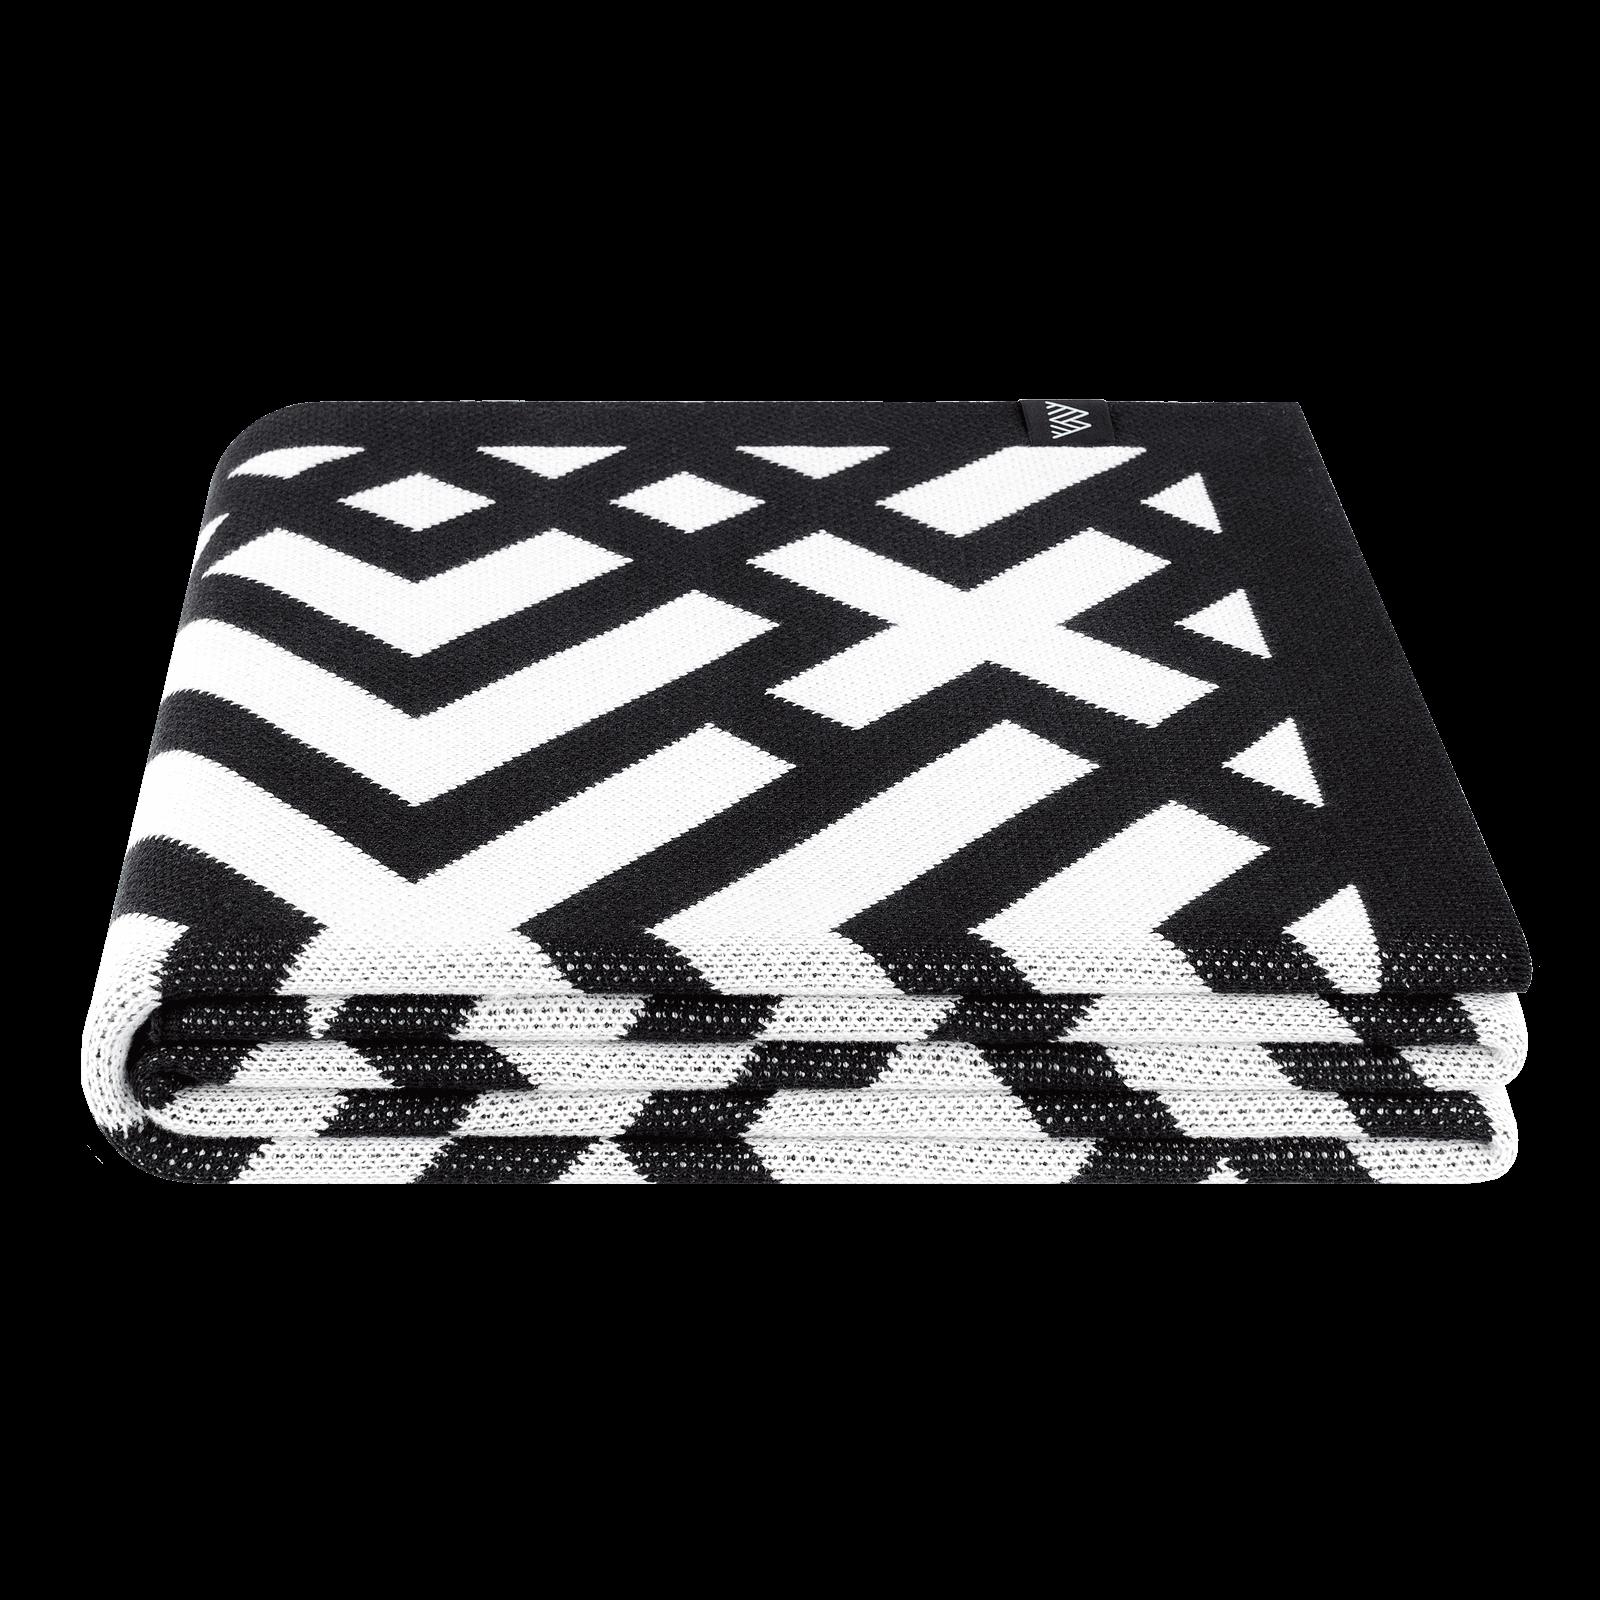 woolkrafts-kross-knit-folded-1600×1600